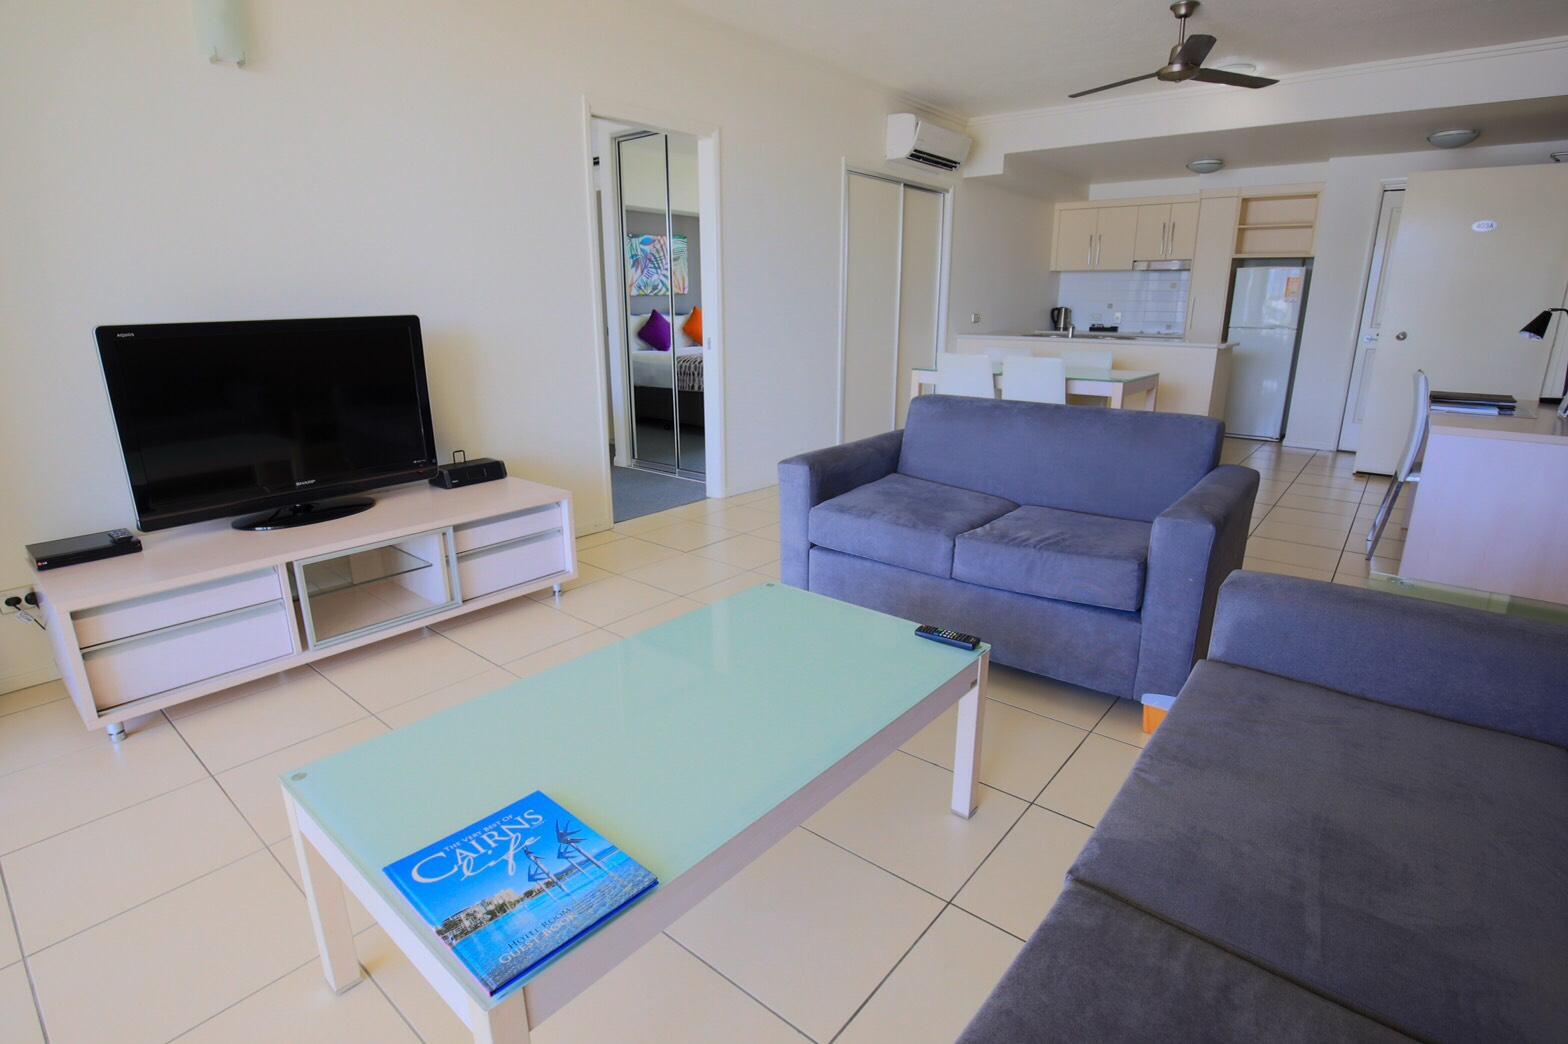 <p>テレビやソファーなどがあり、まるで自宅にいるような感覚で宿泊が出来る!</p>